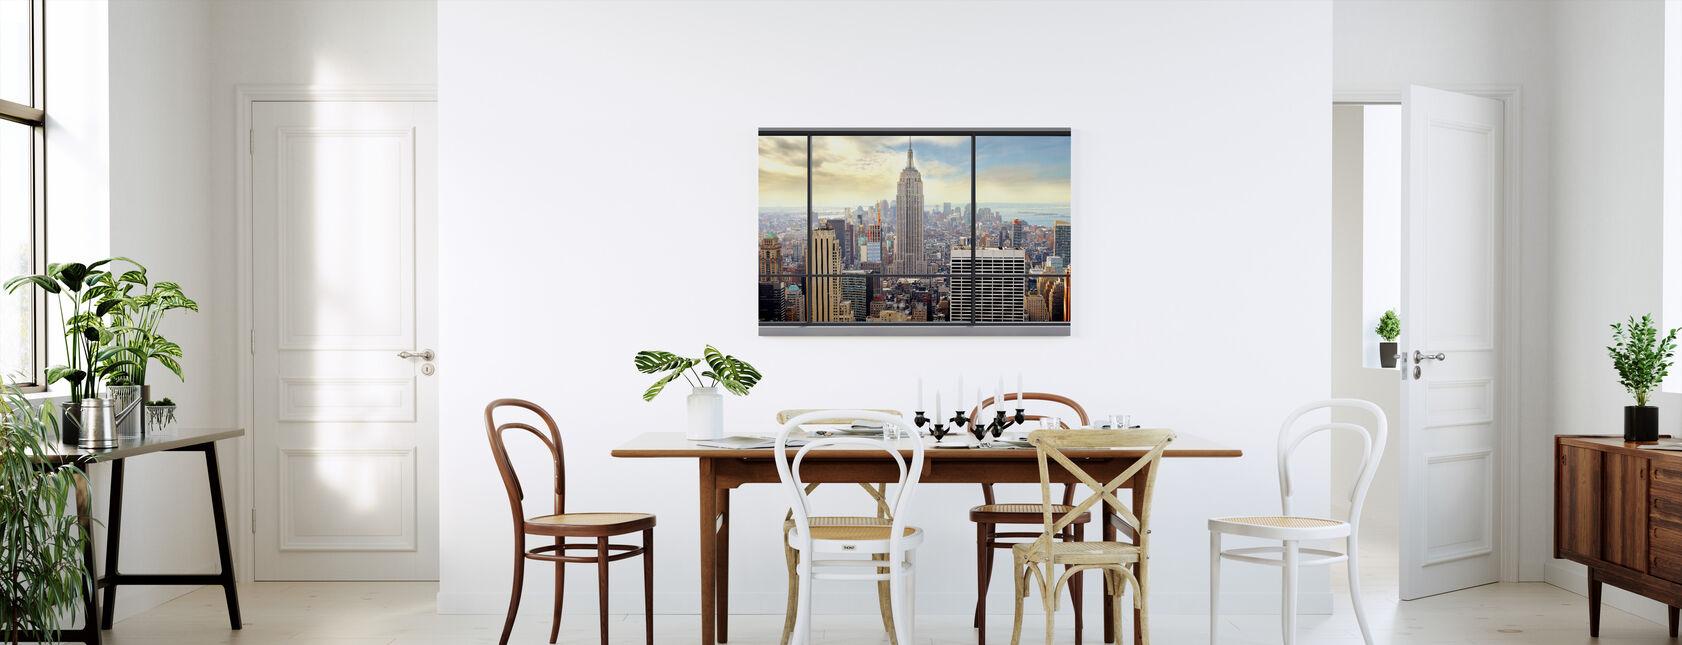 Penthouse Raam Uitzicht - Canvas print - Keuken